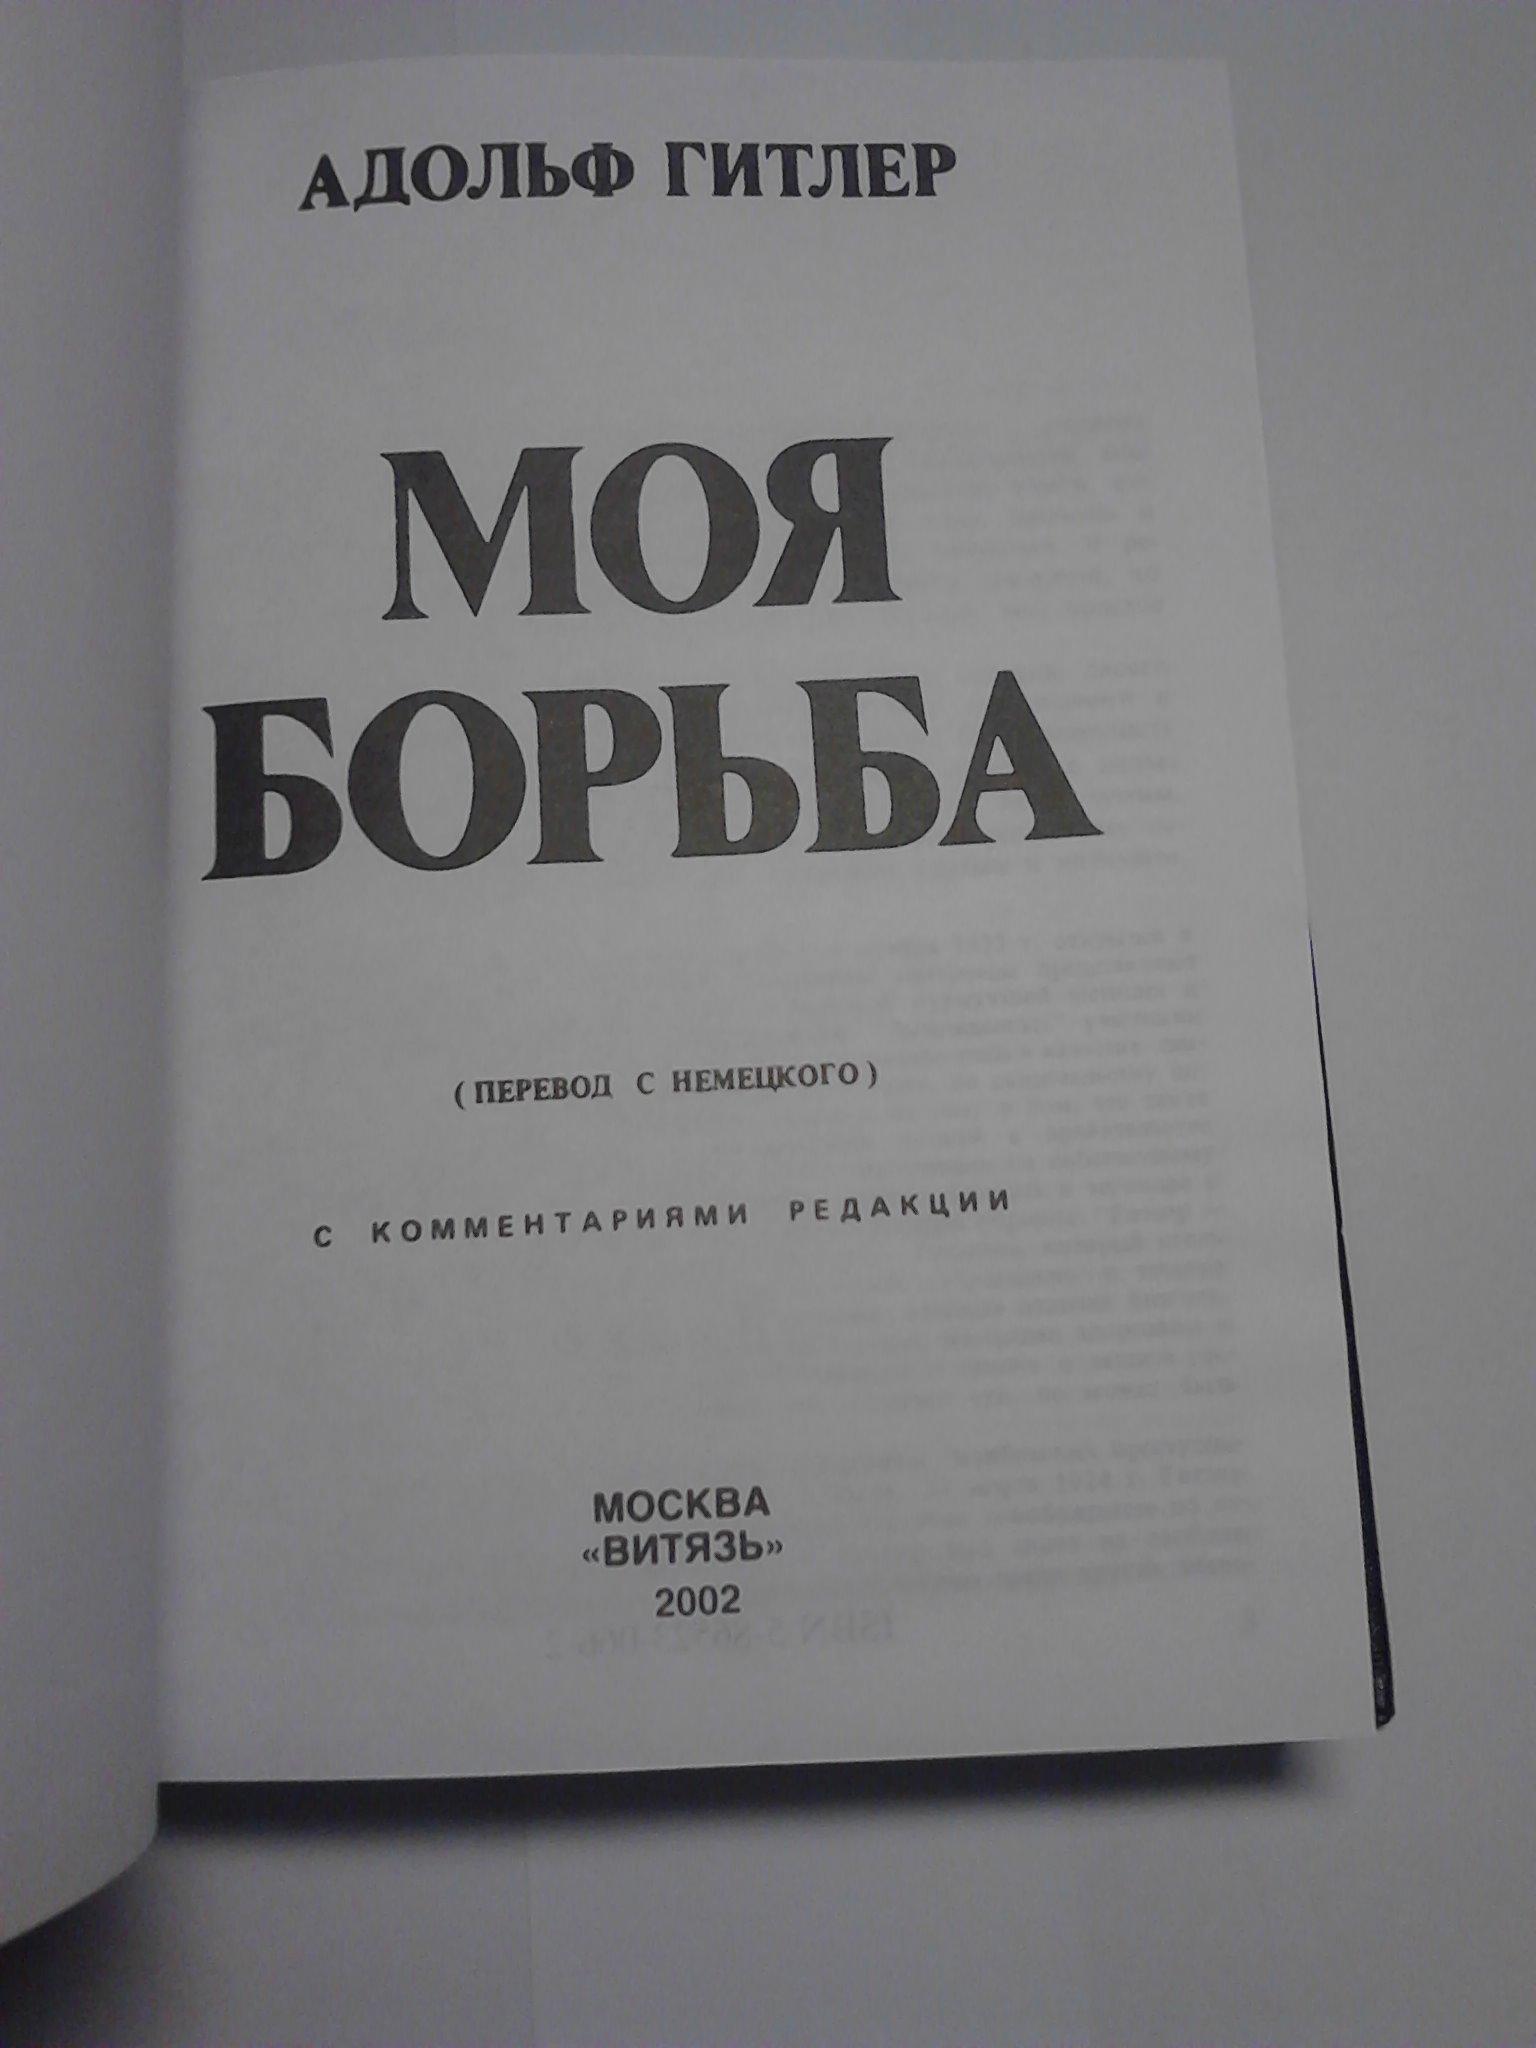 Скачать торрент книгу майн кампф